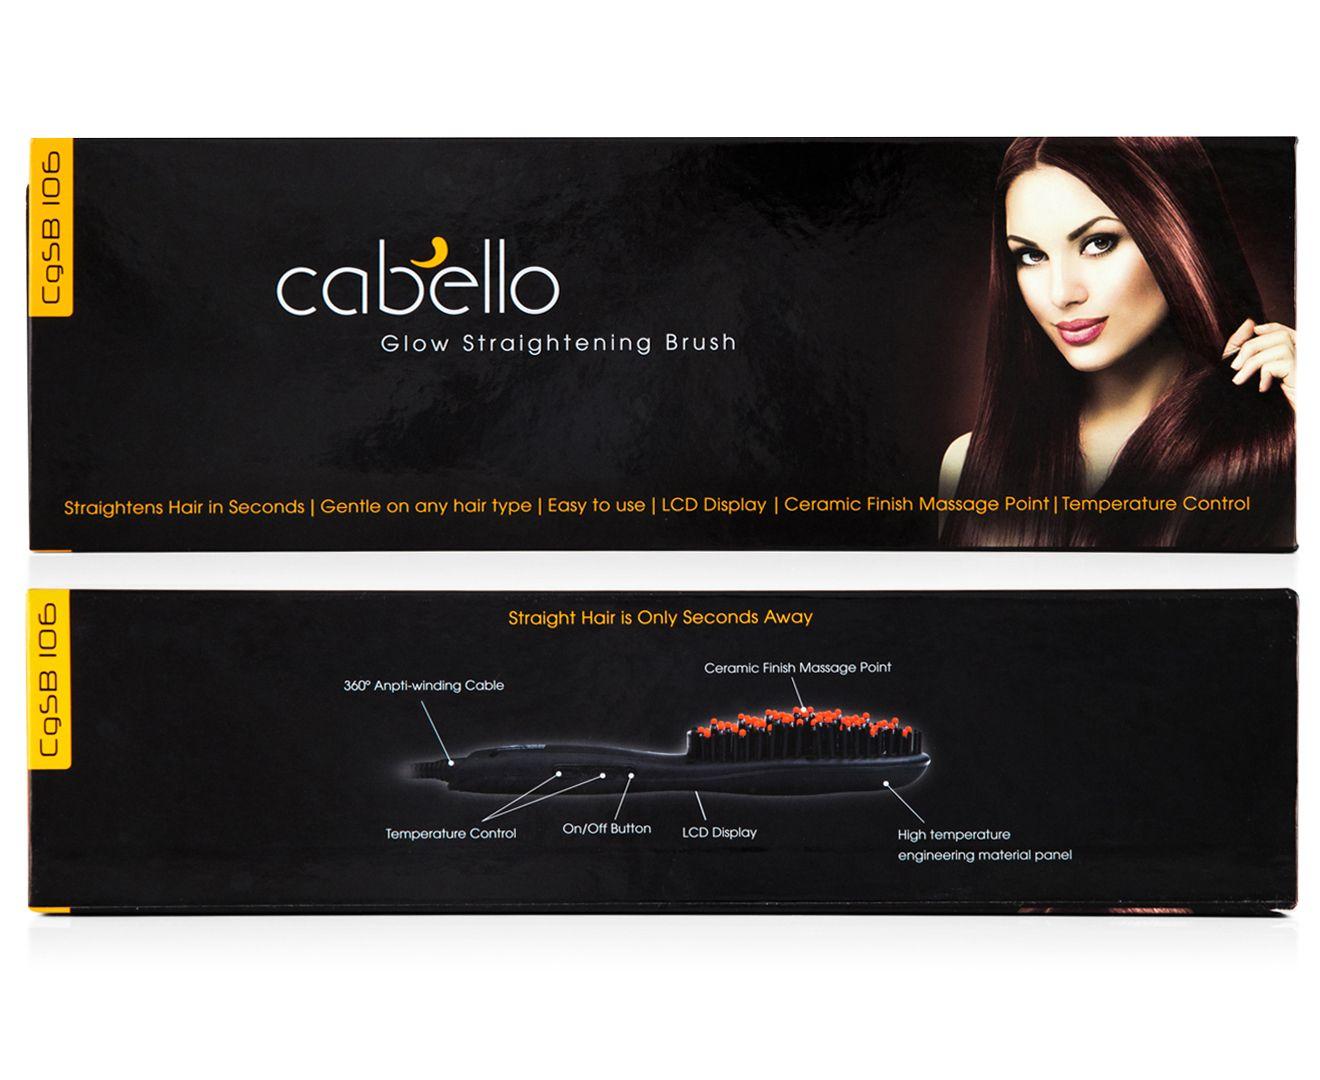 Cabello Glow Straightening Brush